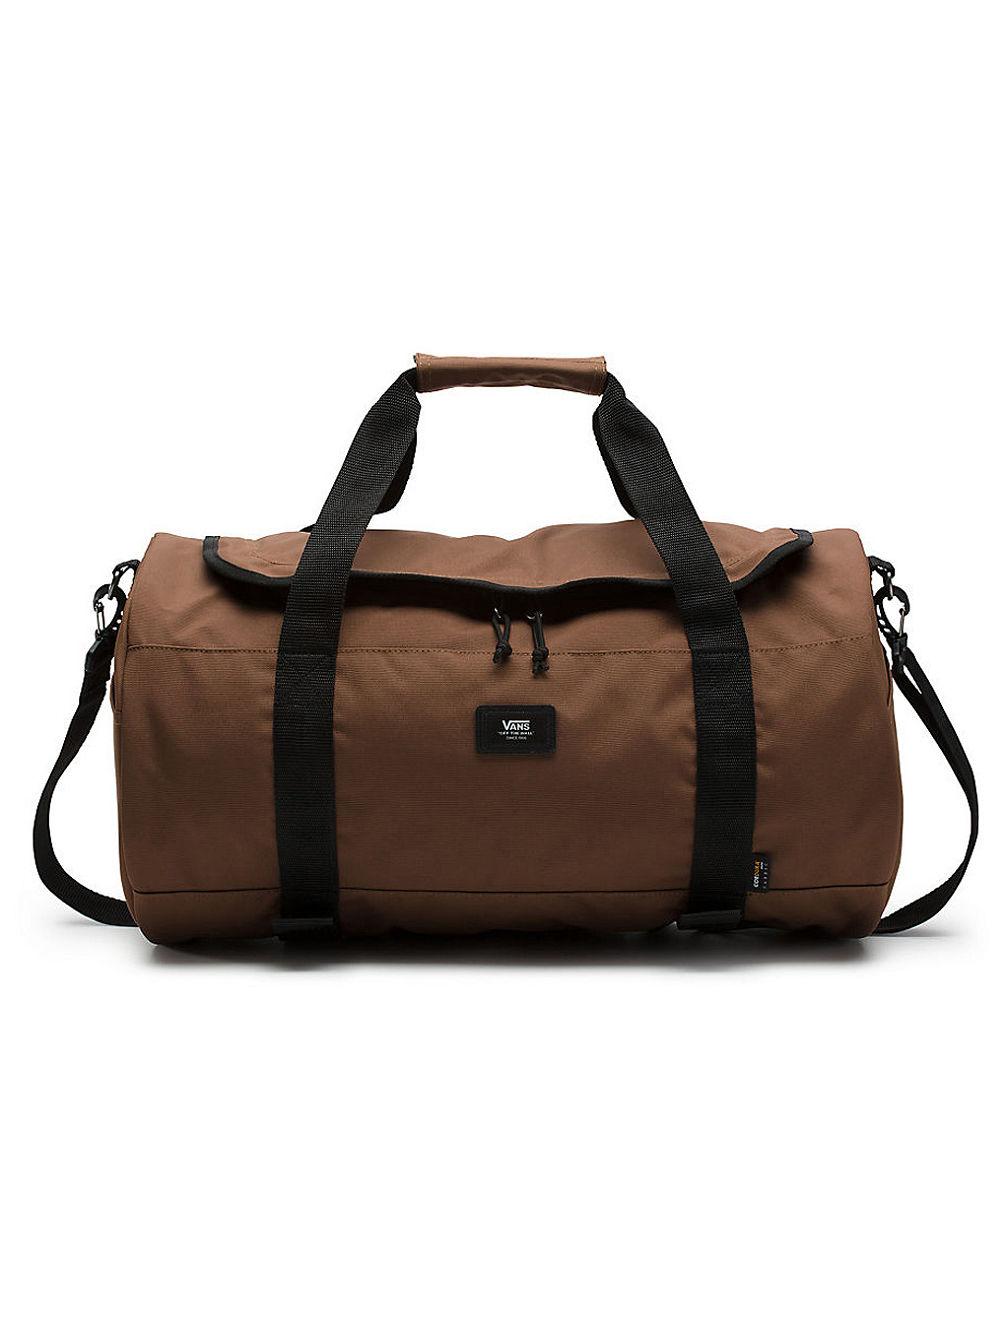 Buy Vans Grind Skate Duffel Bag online at blue-tomato.com 3b7149fd13